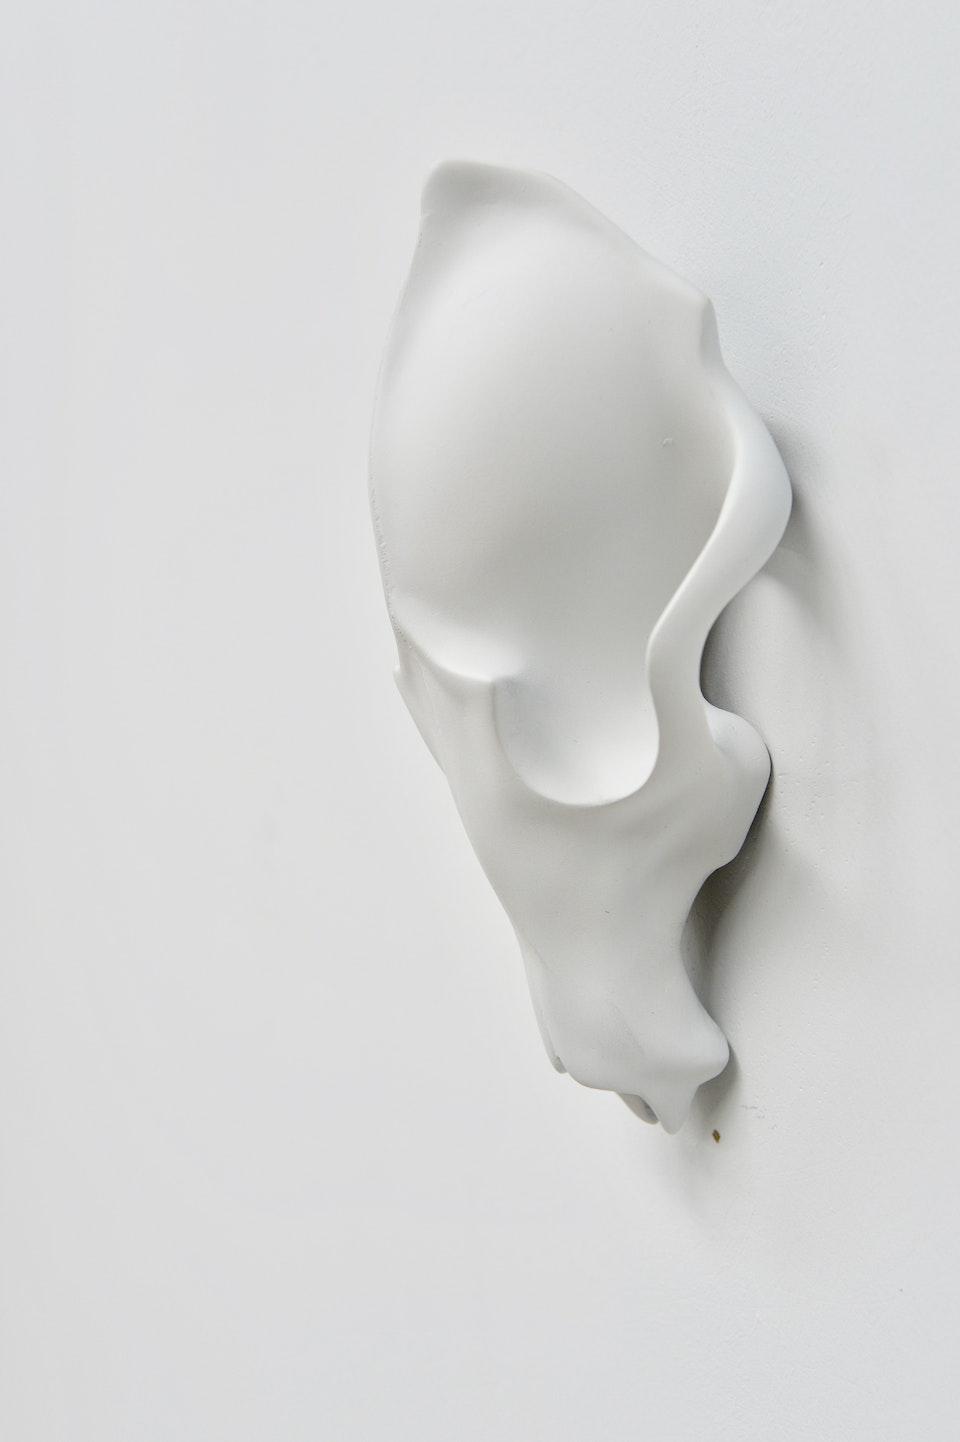 White Fox Skull E176F2C7-5ACD-4993-90D4-D39F0E09026E